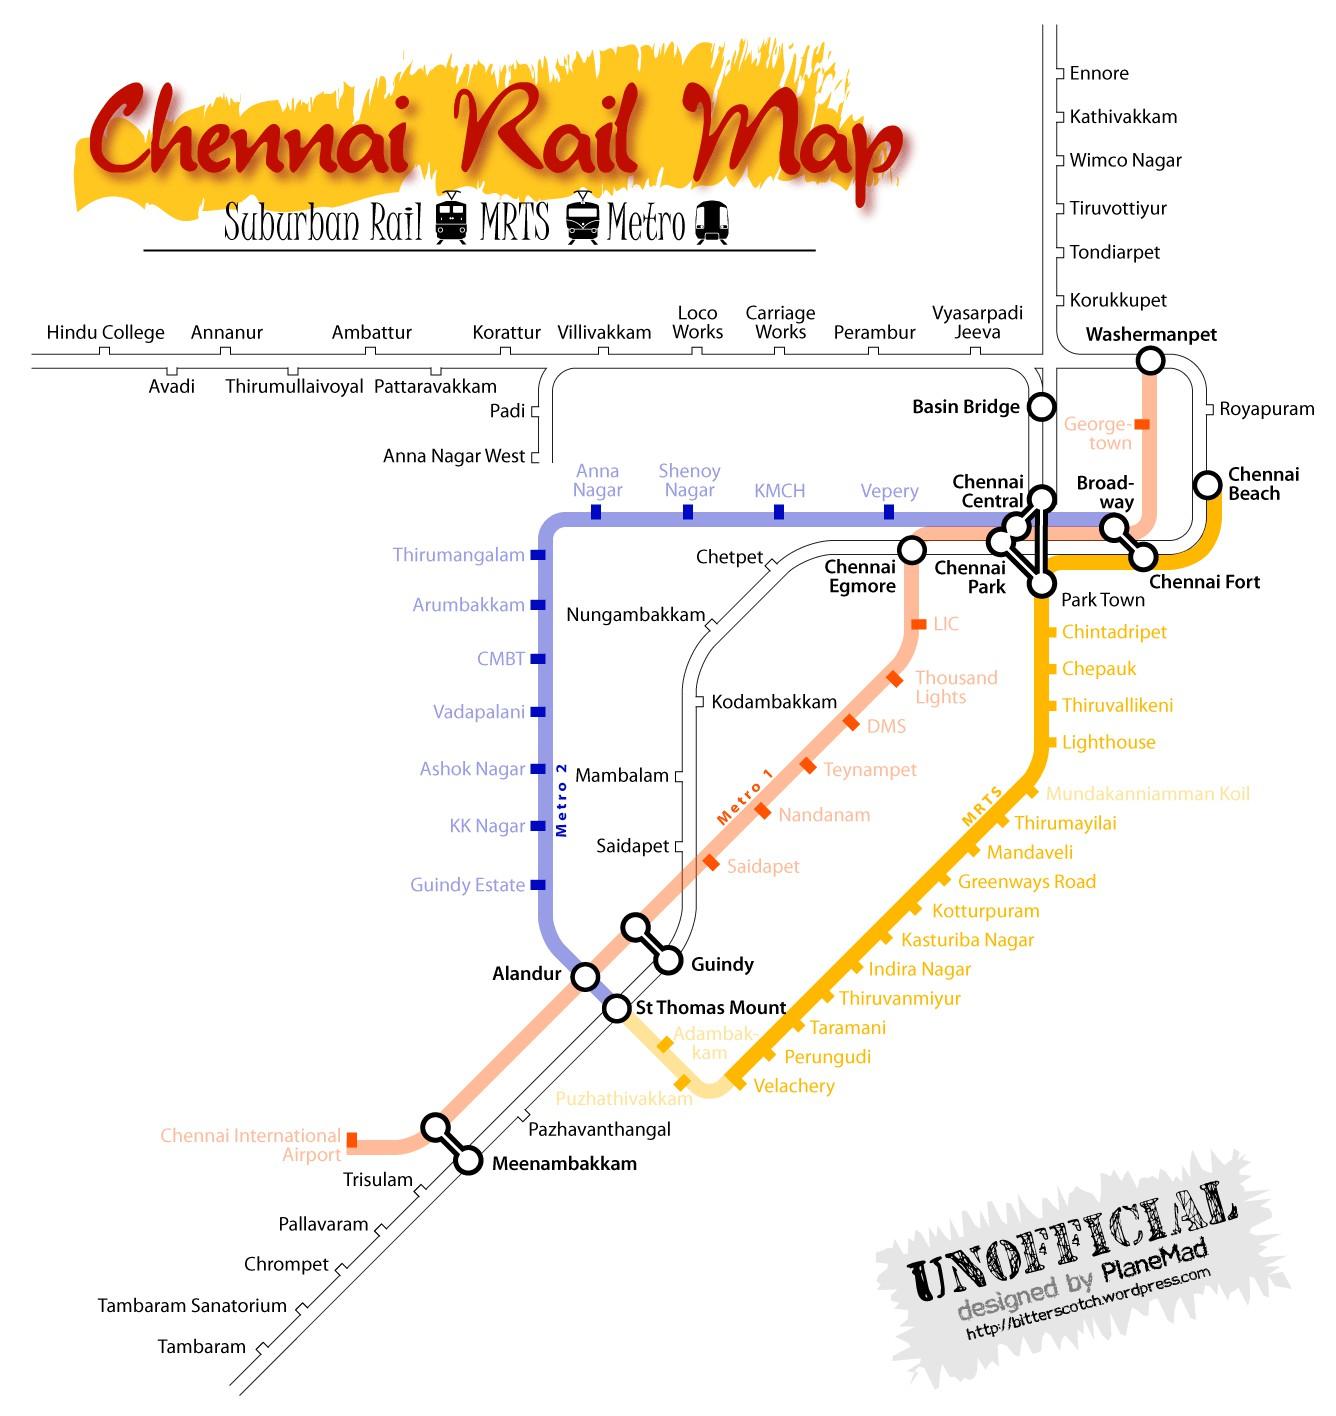 chennai rail map suburban mrts 2